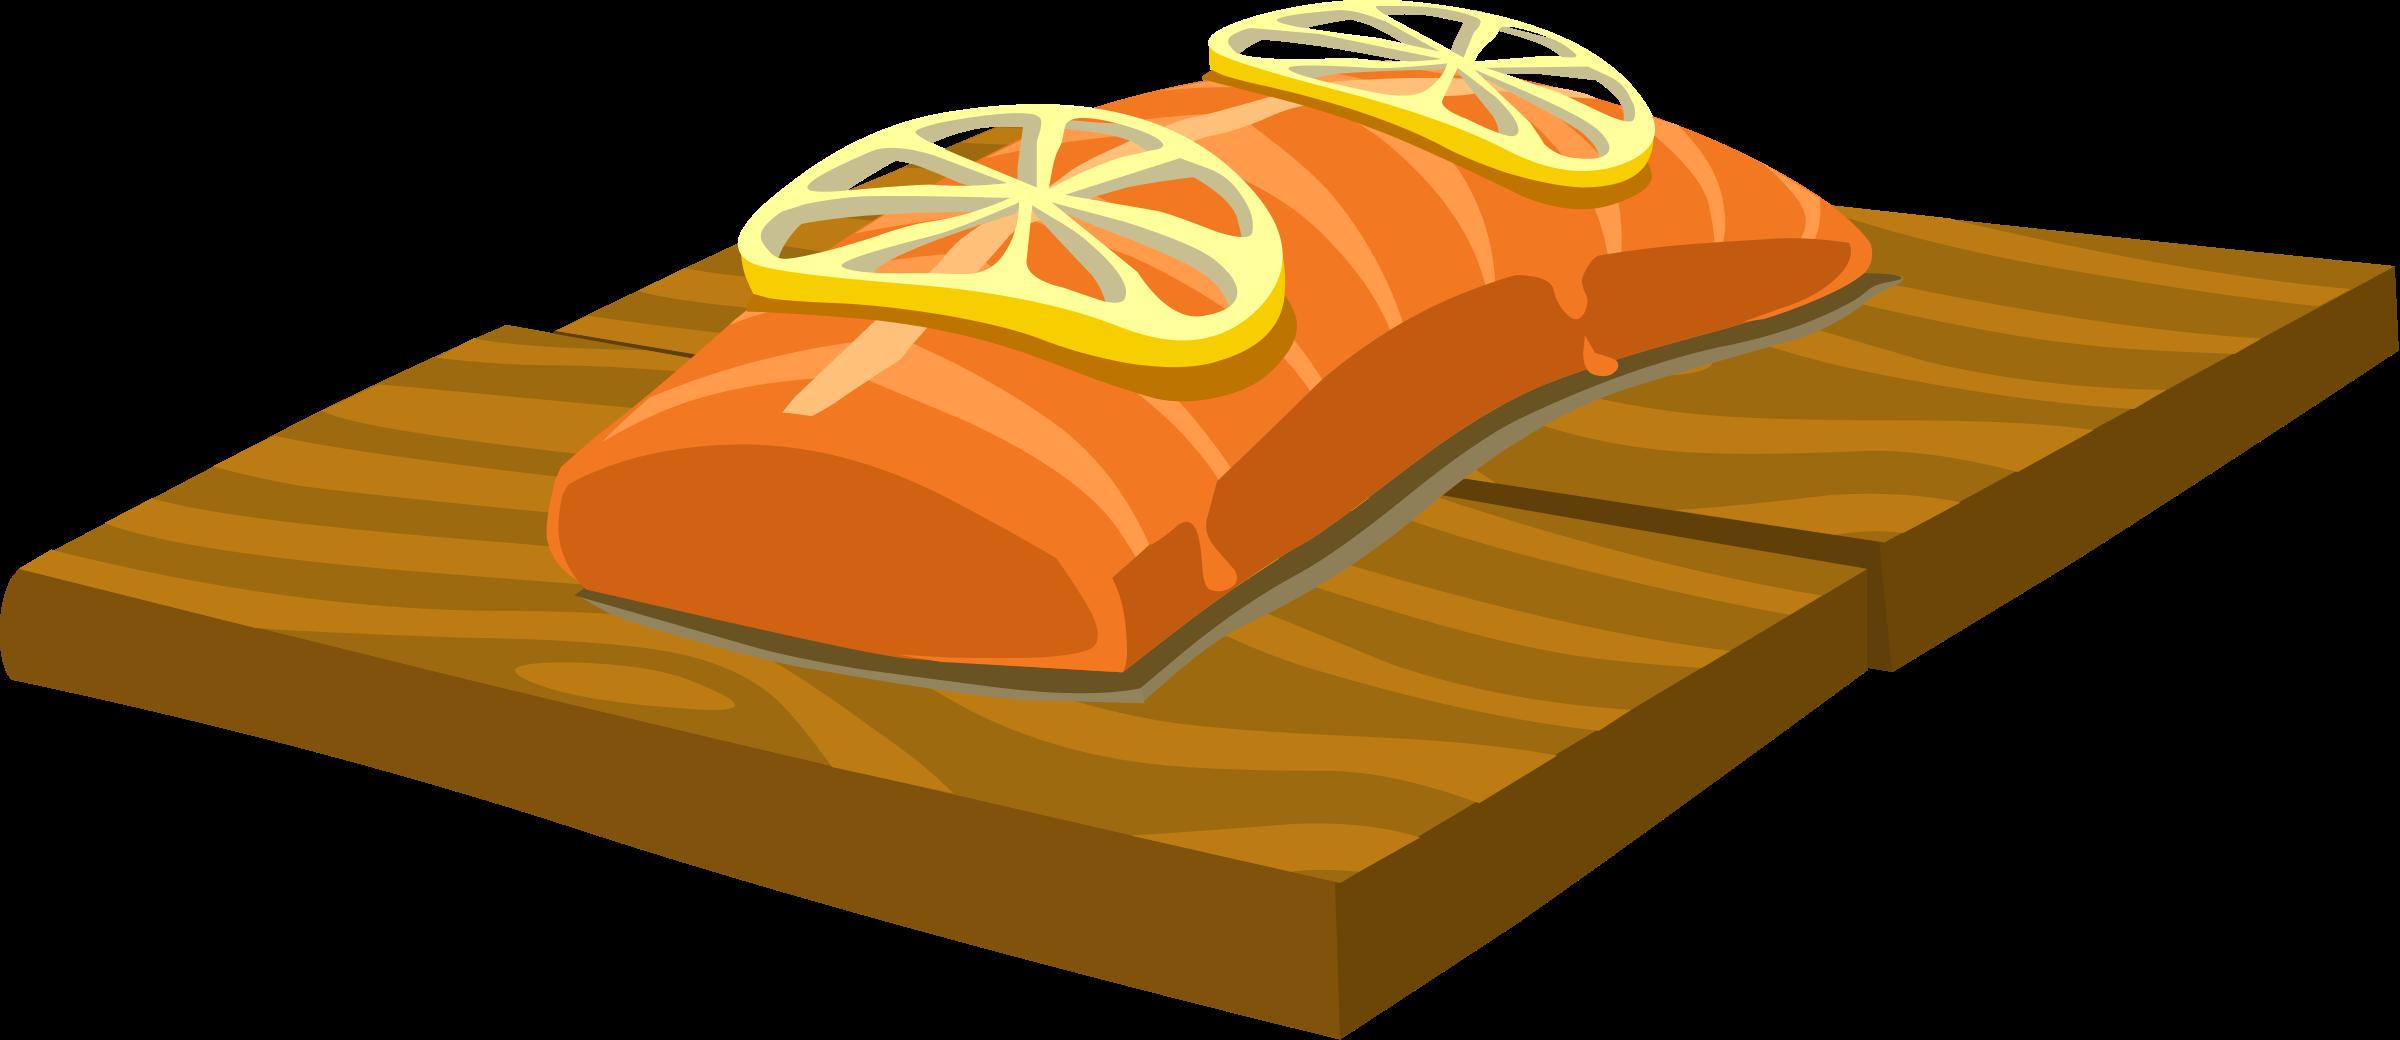 Salmon clipart native alaska, Salmon native alaska.